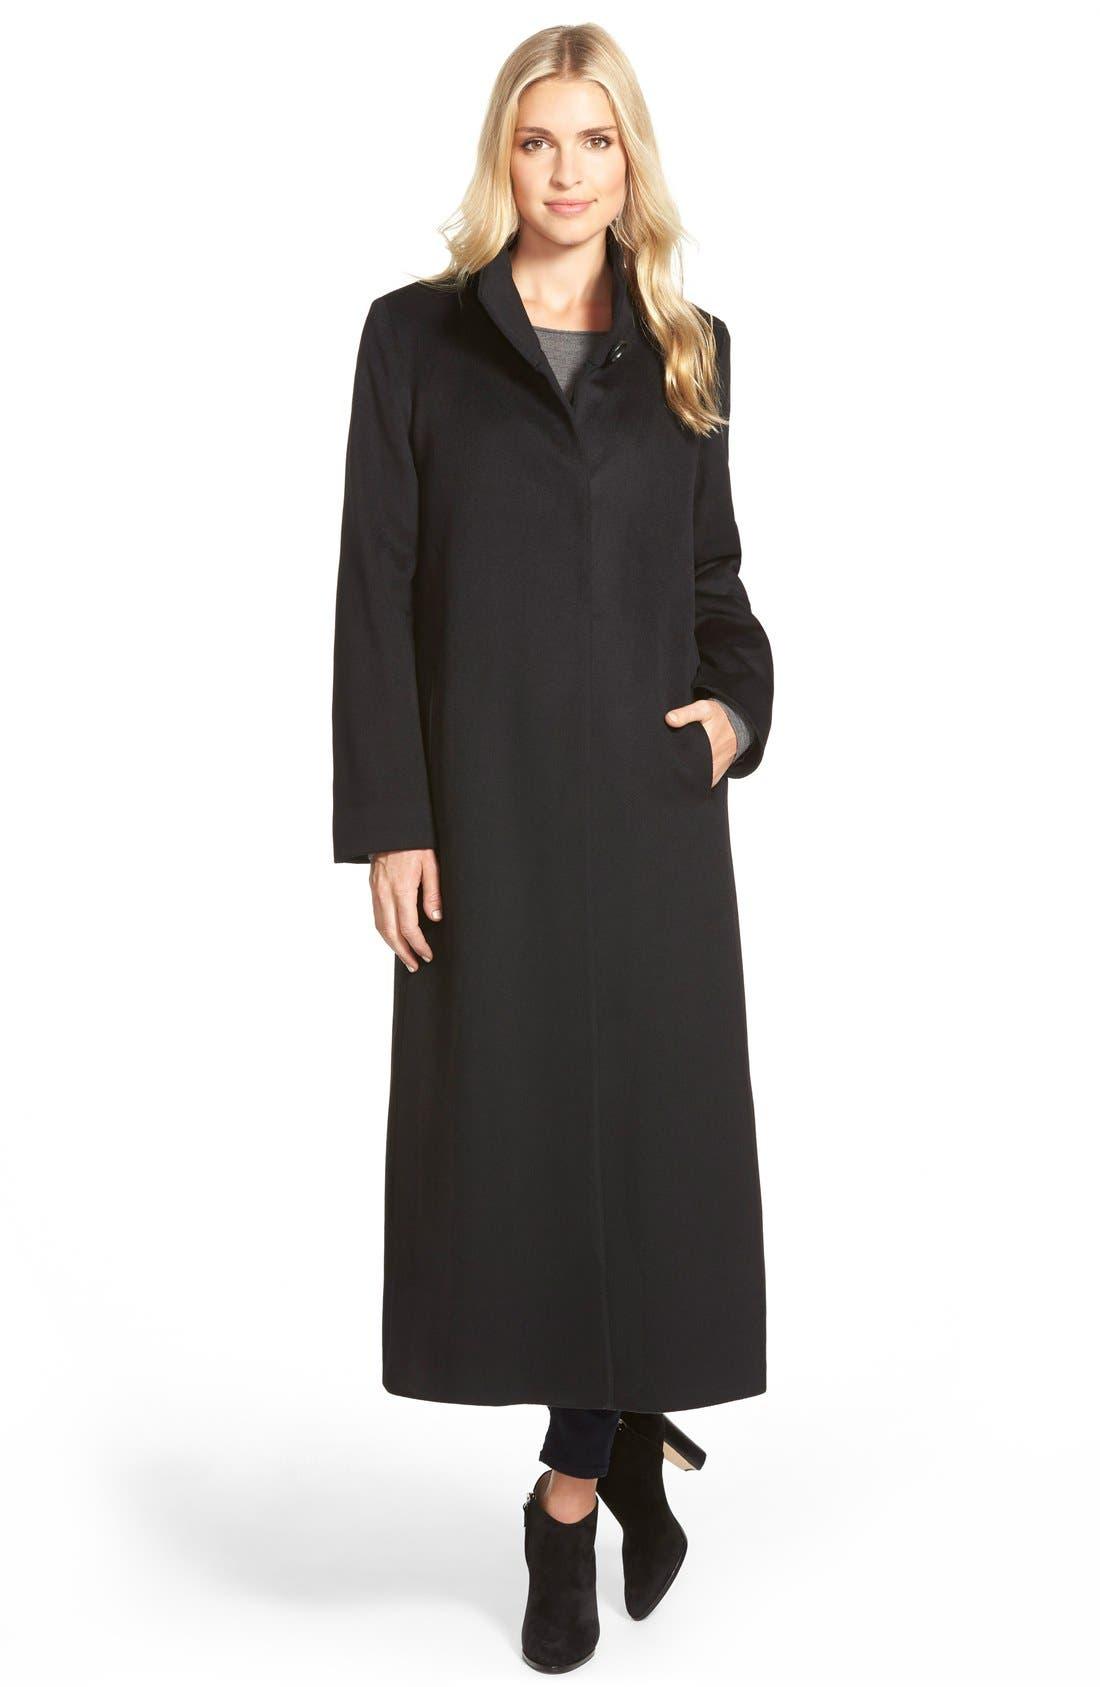 Alternate Image 1 Selected - Fleurette Long Wool Coat (Regular & Petite)